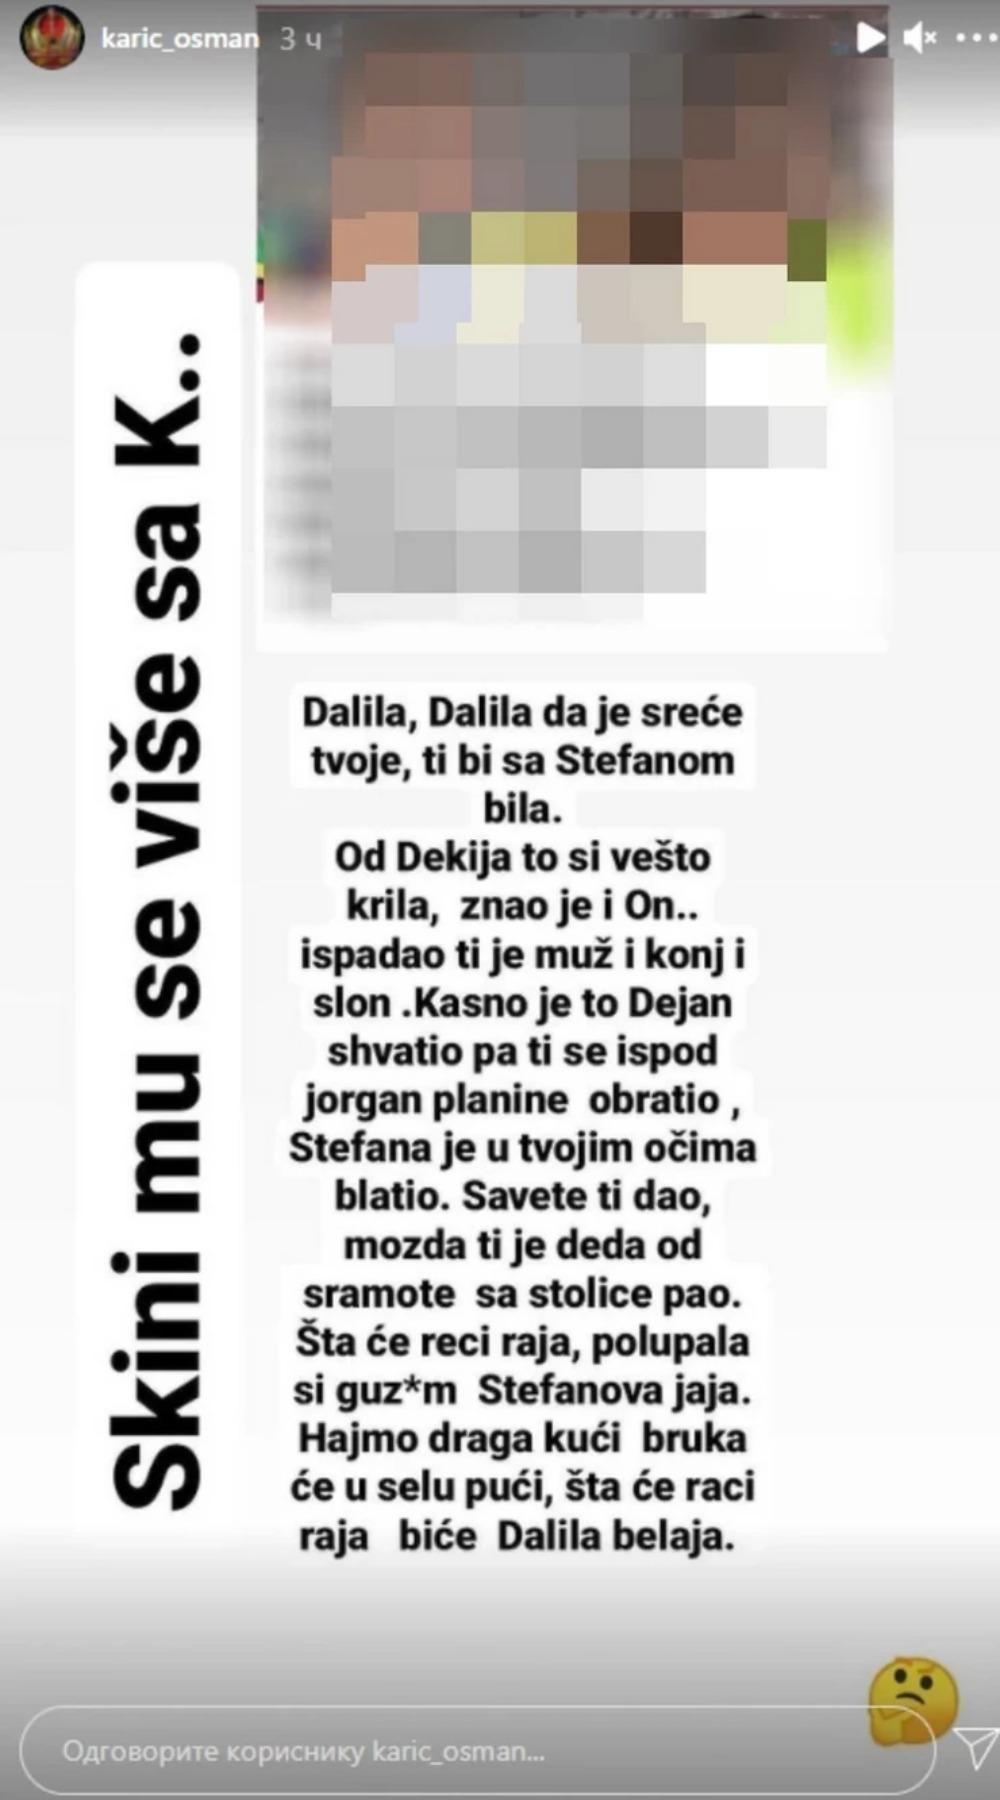 Otkrivena velika tajna Dalile Dragojević - raskrinkao je otac ovog zadrugara